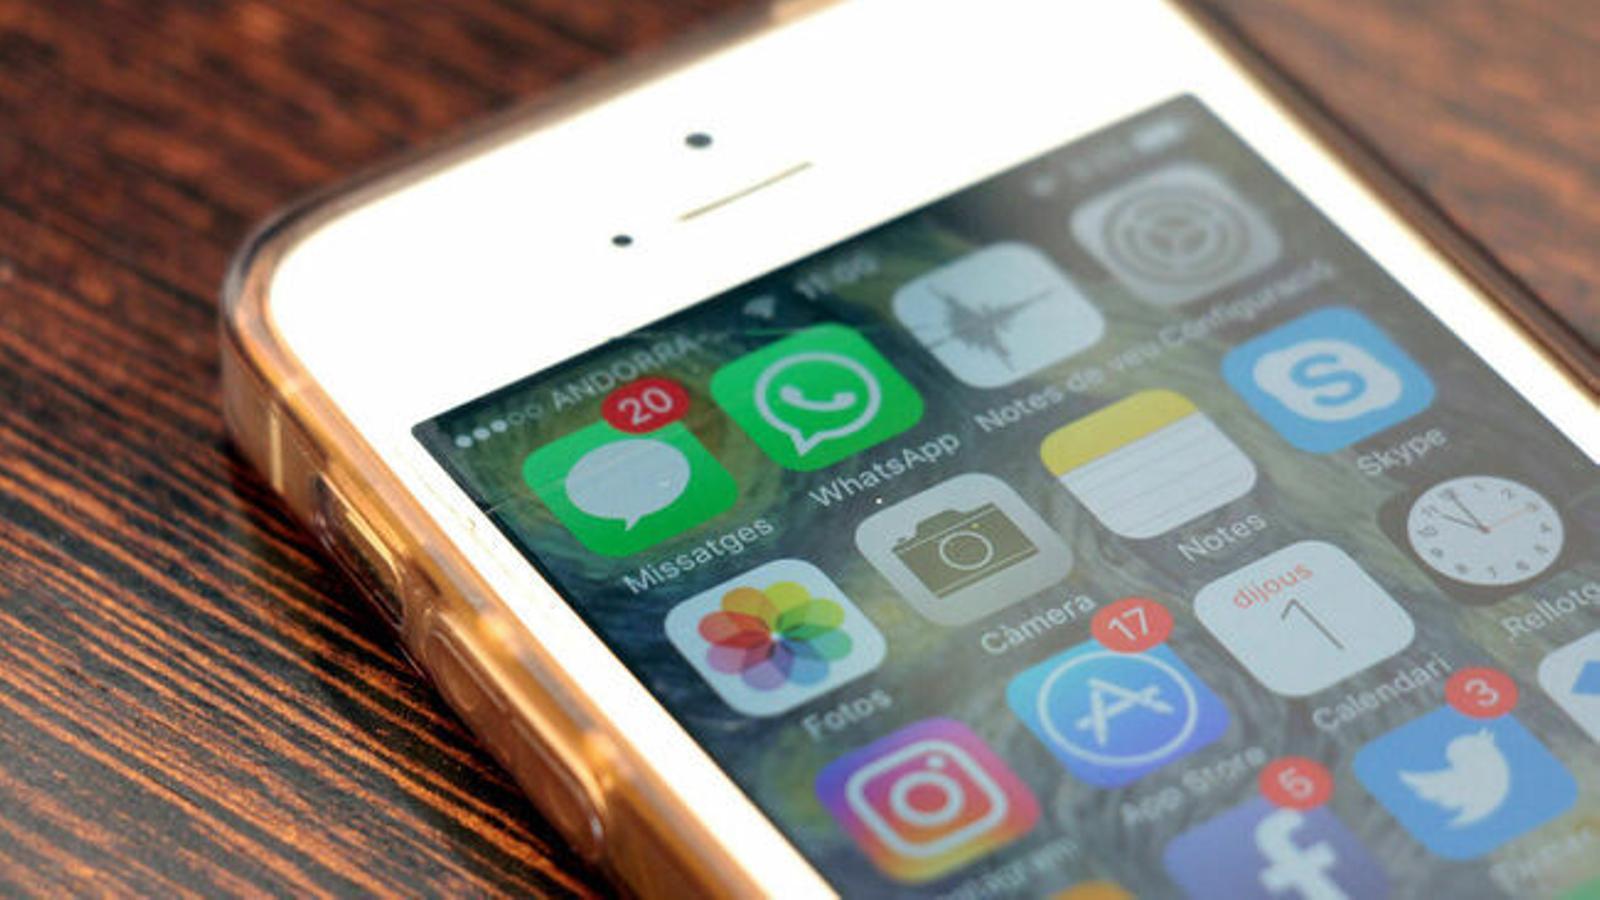 Un telèfon mòbil podria tenir aplicacions amb softwafe maliciós. / ARXIU ANA